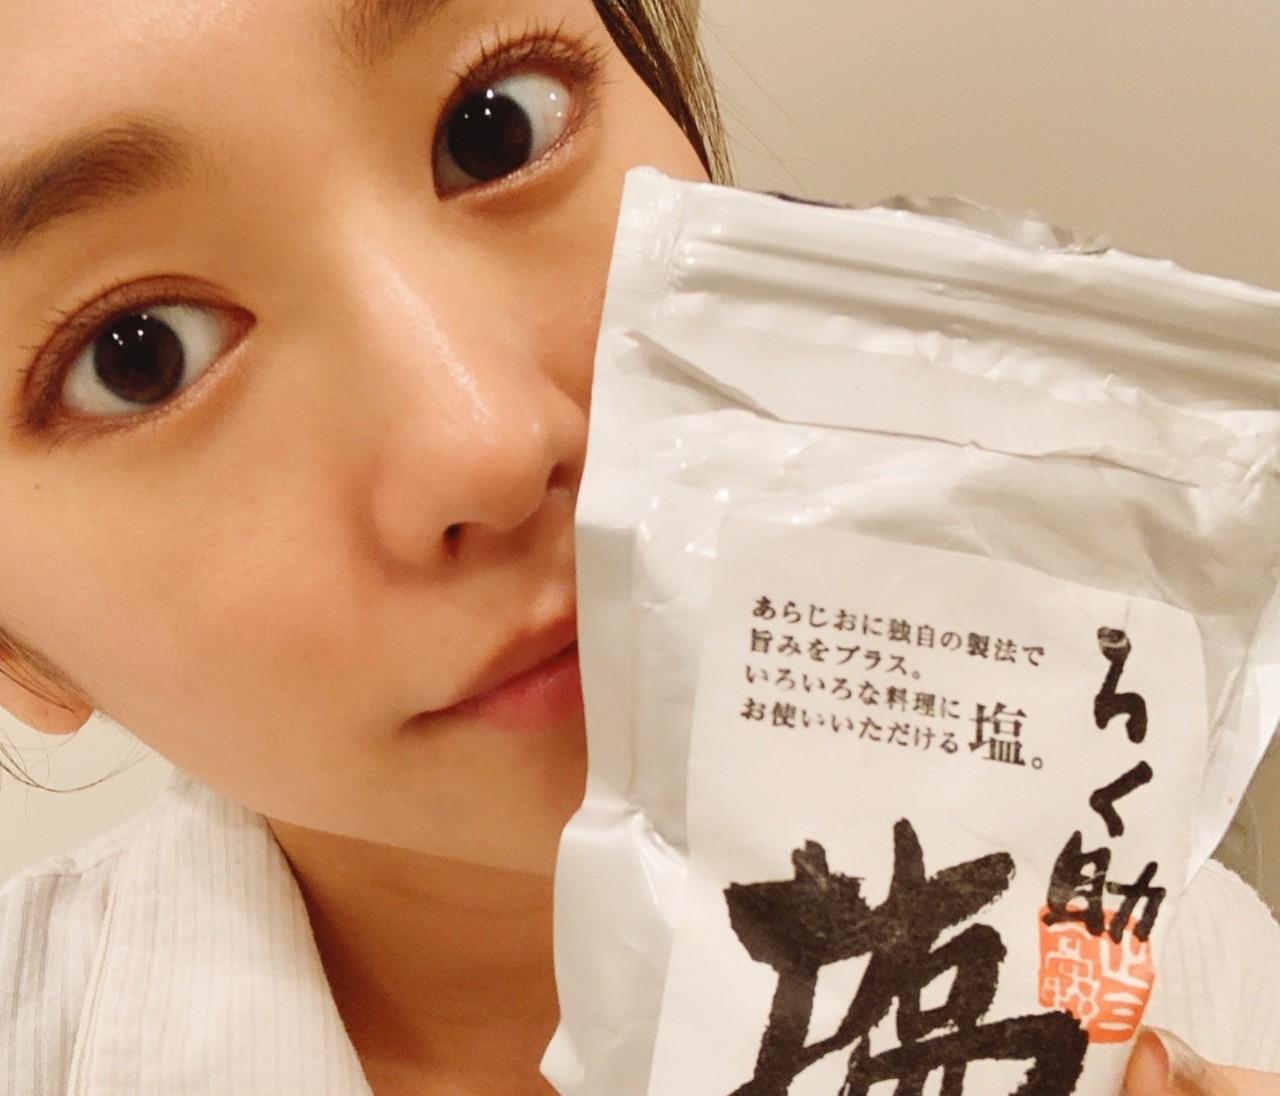 料理上手の美玲がレコメンド♡ 桐谷美玲が愛してやまない調味料&食材